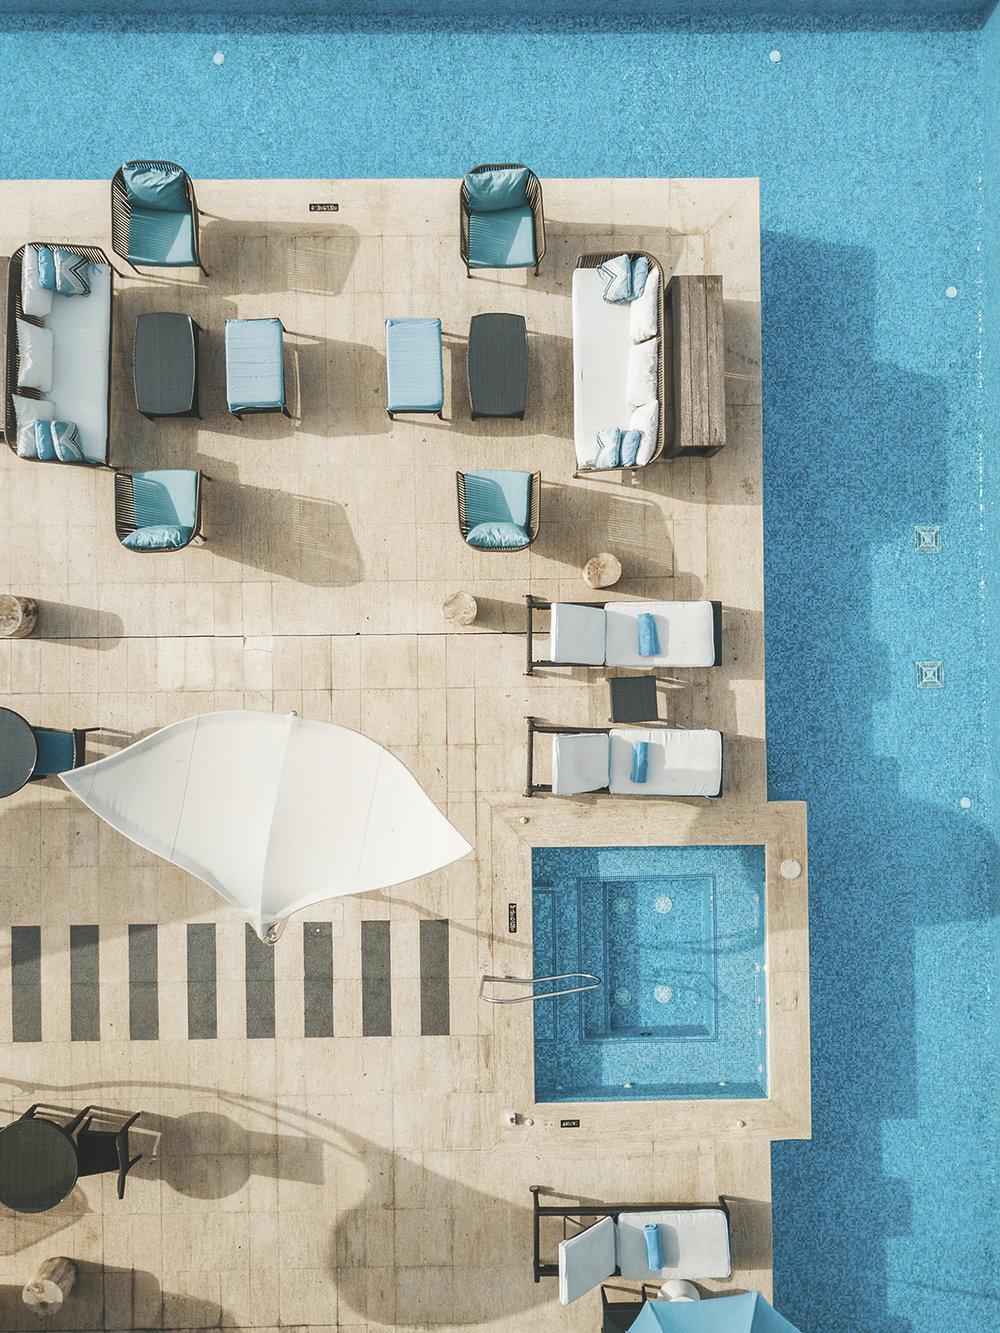 fotografo de hoteles santo domingo republica dominicana.jpg